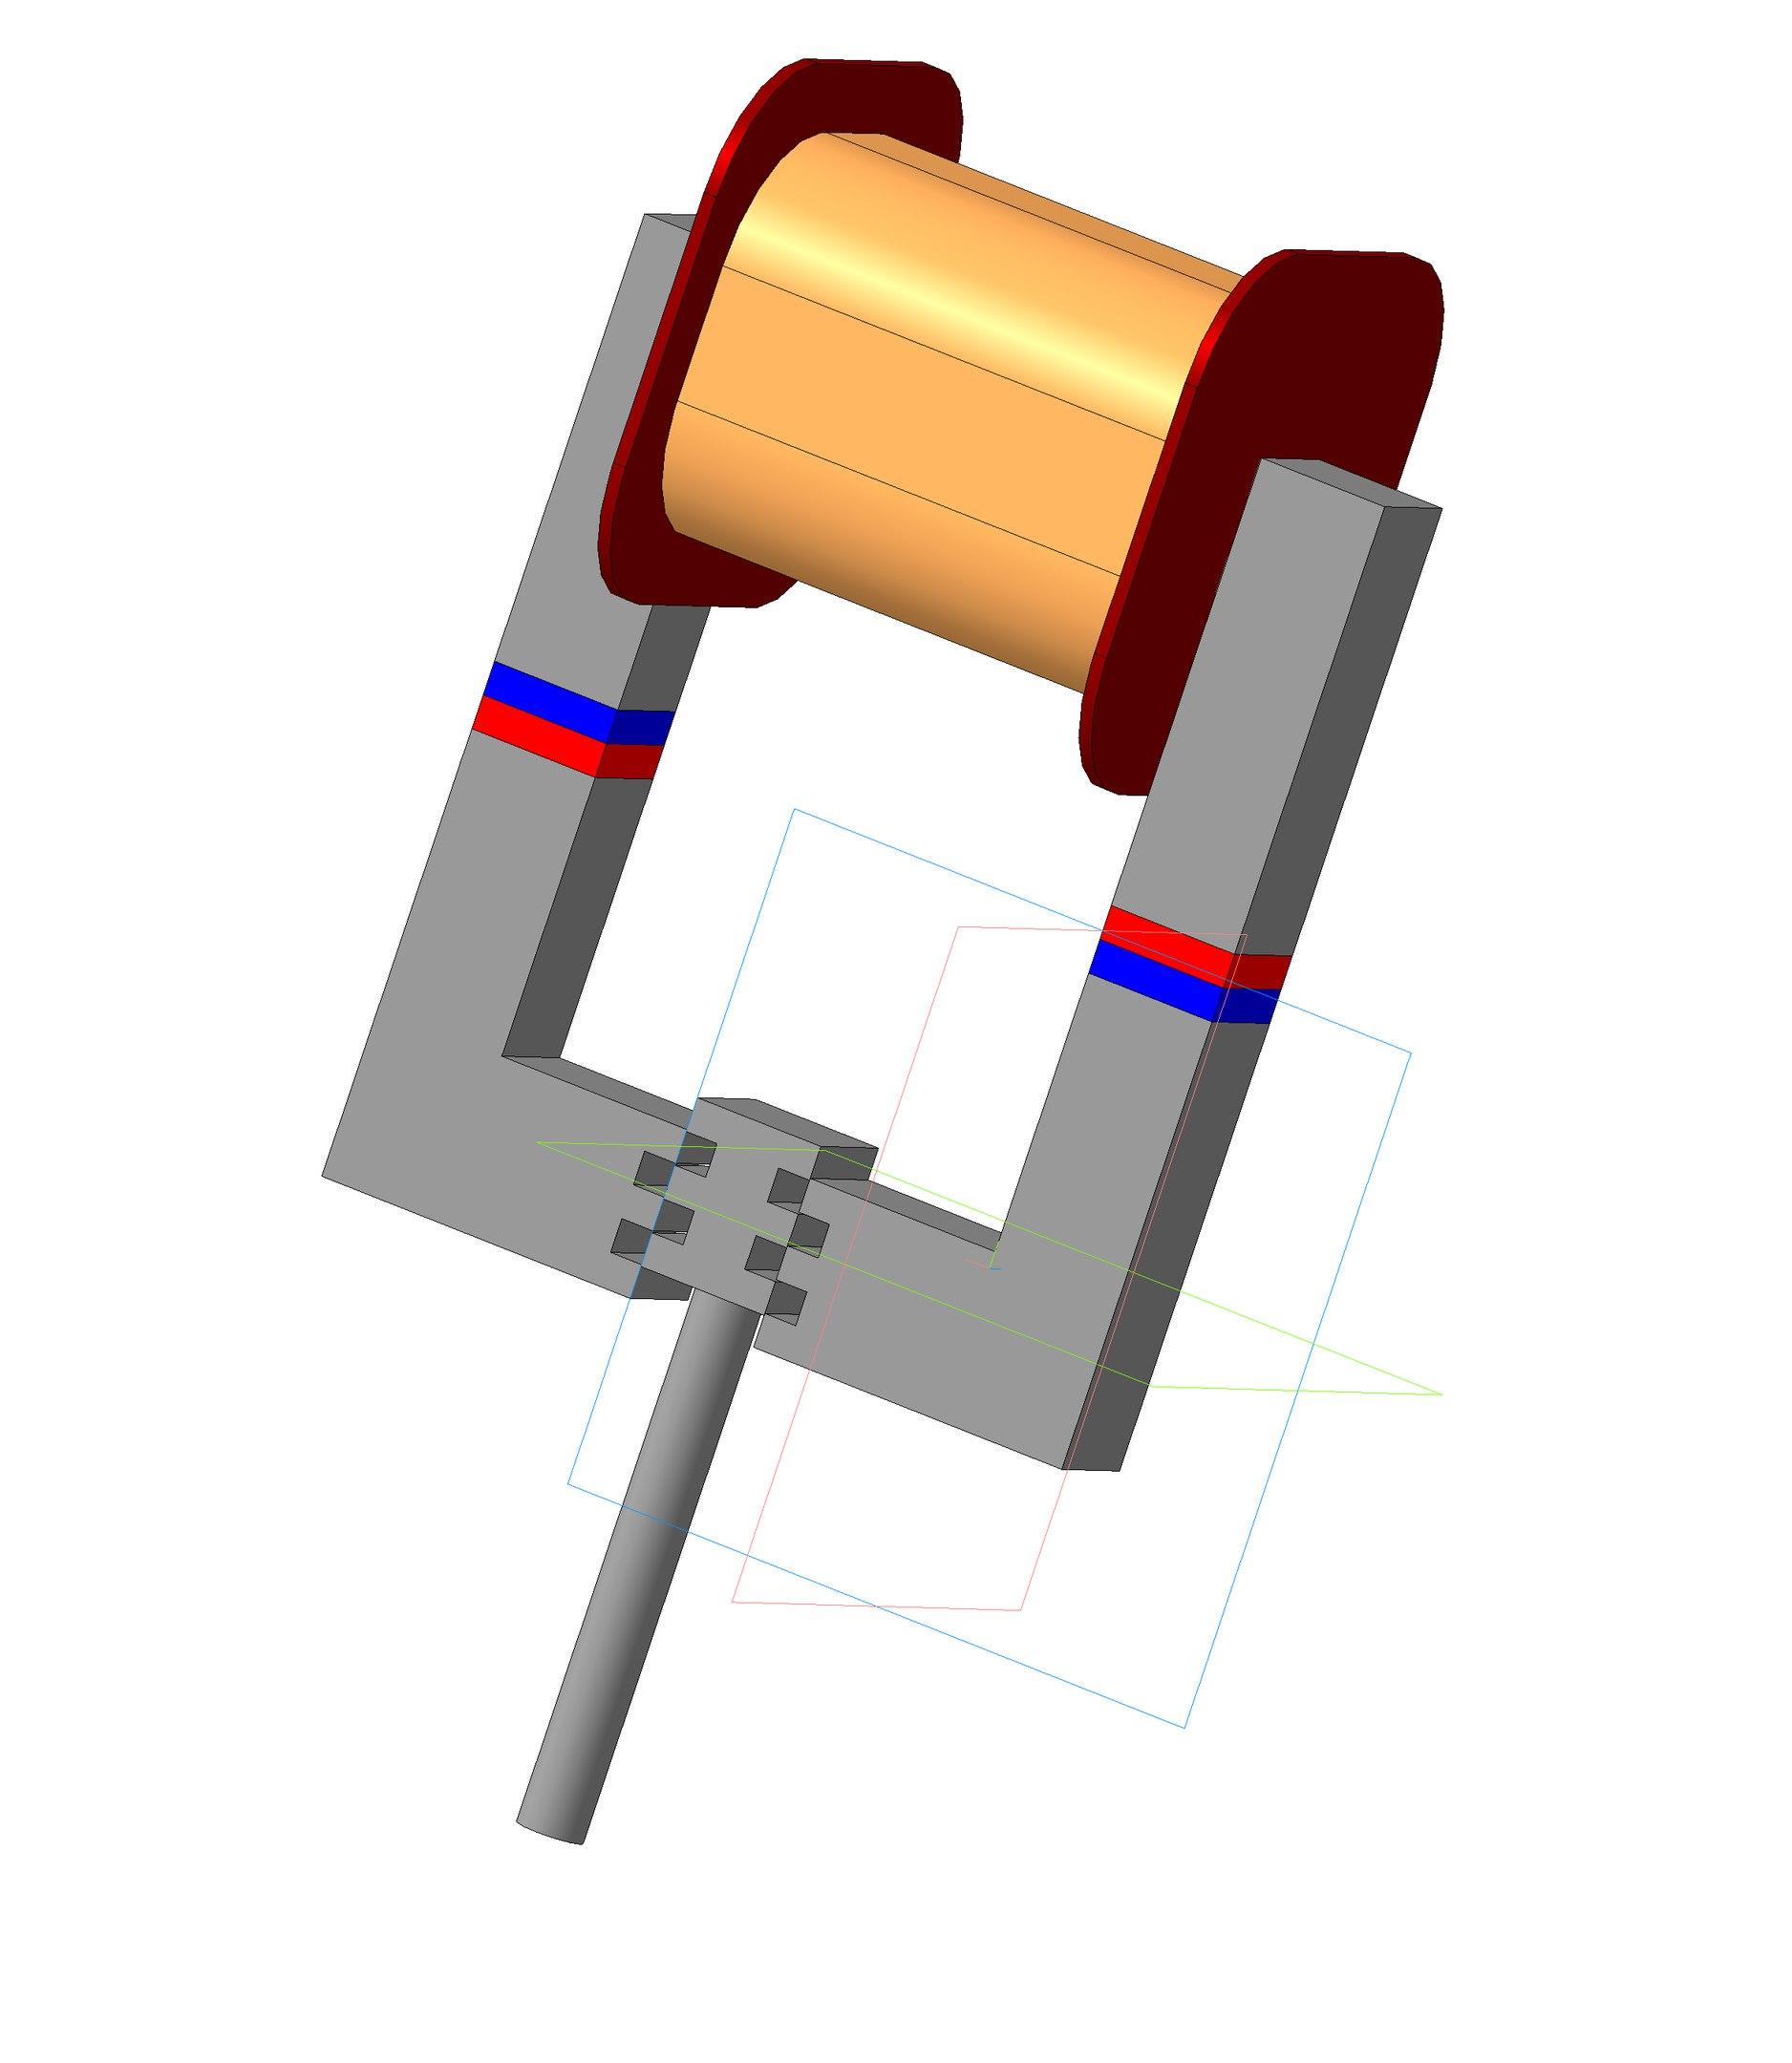 генератор игольчатых импульсов схема